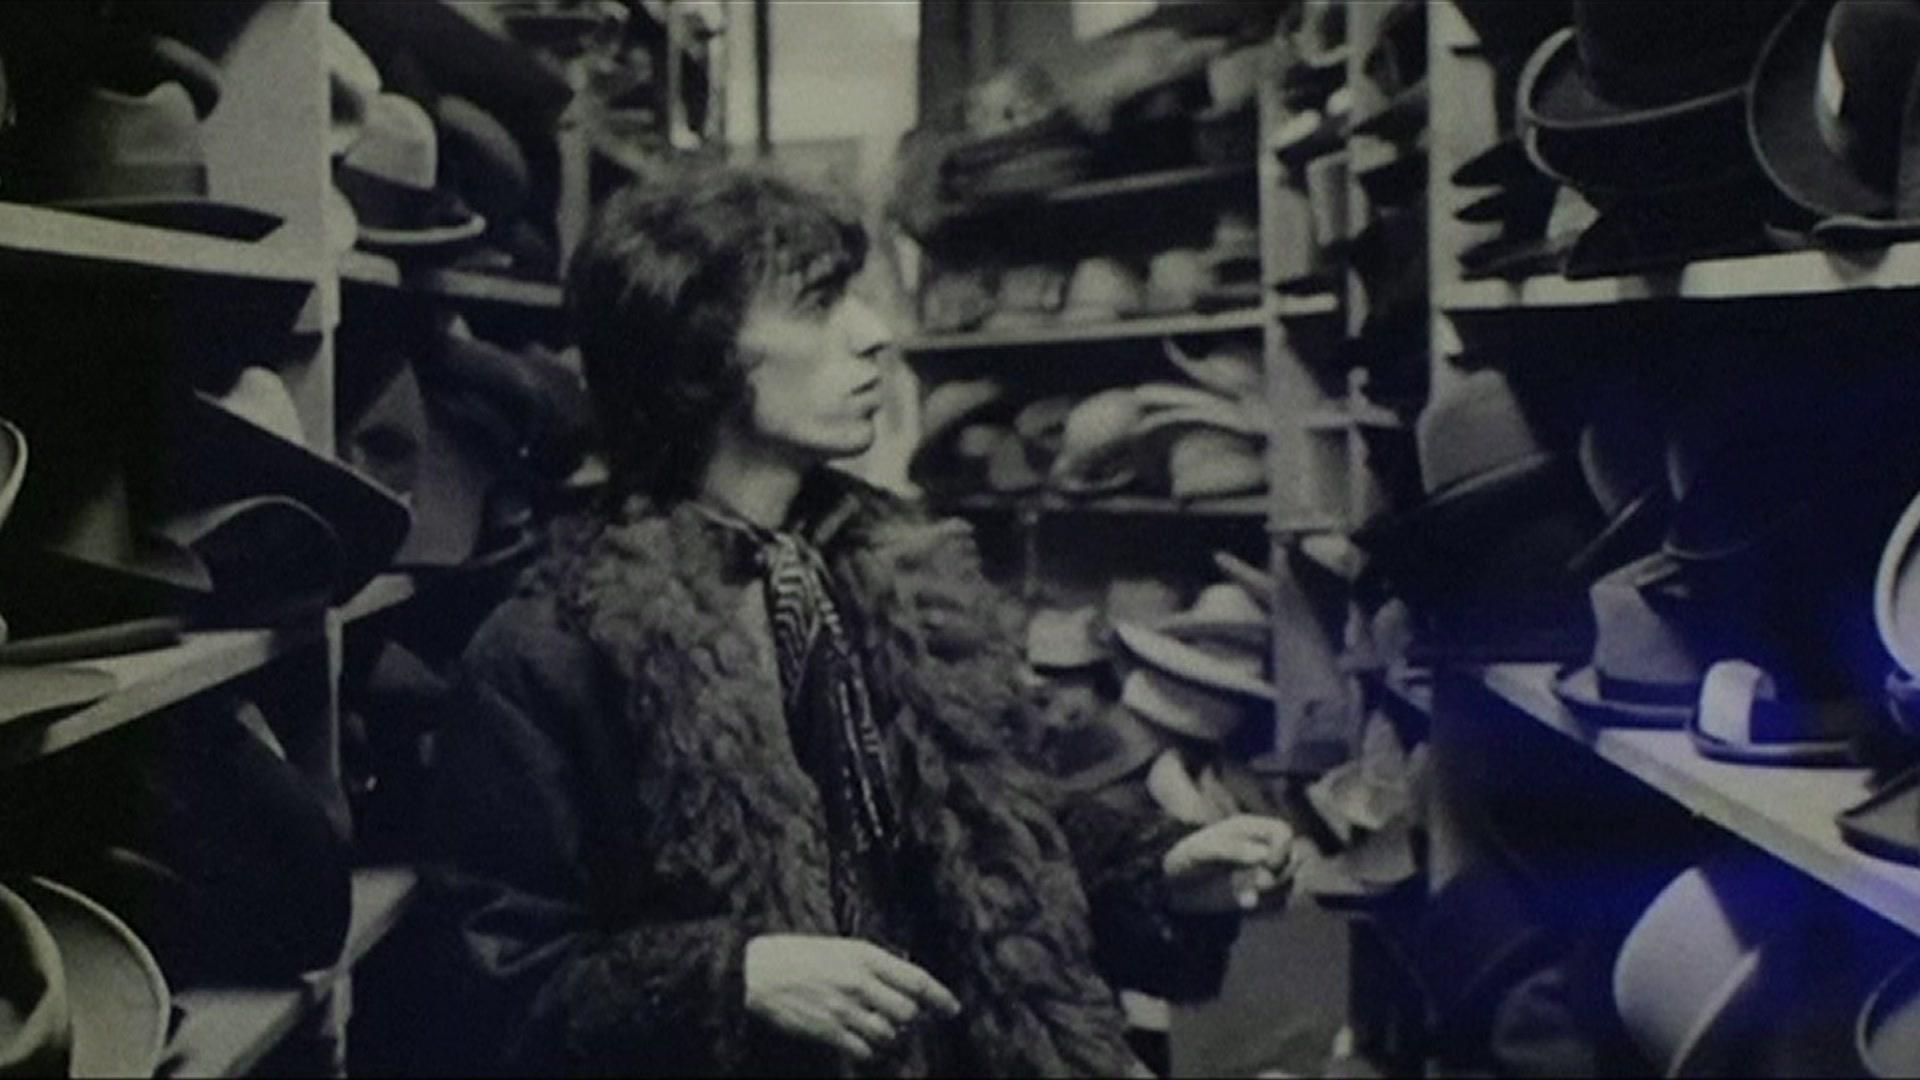 Mostra em Buenos Aires traz fotos do Rolling Stones em poses descontraídas feitas ao longo da década de 60